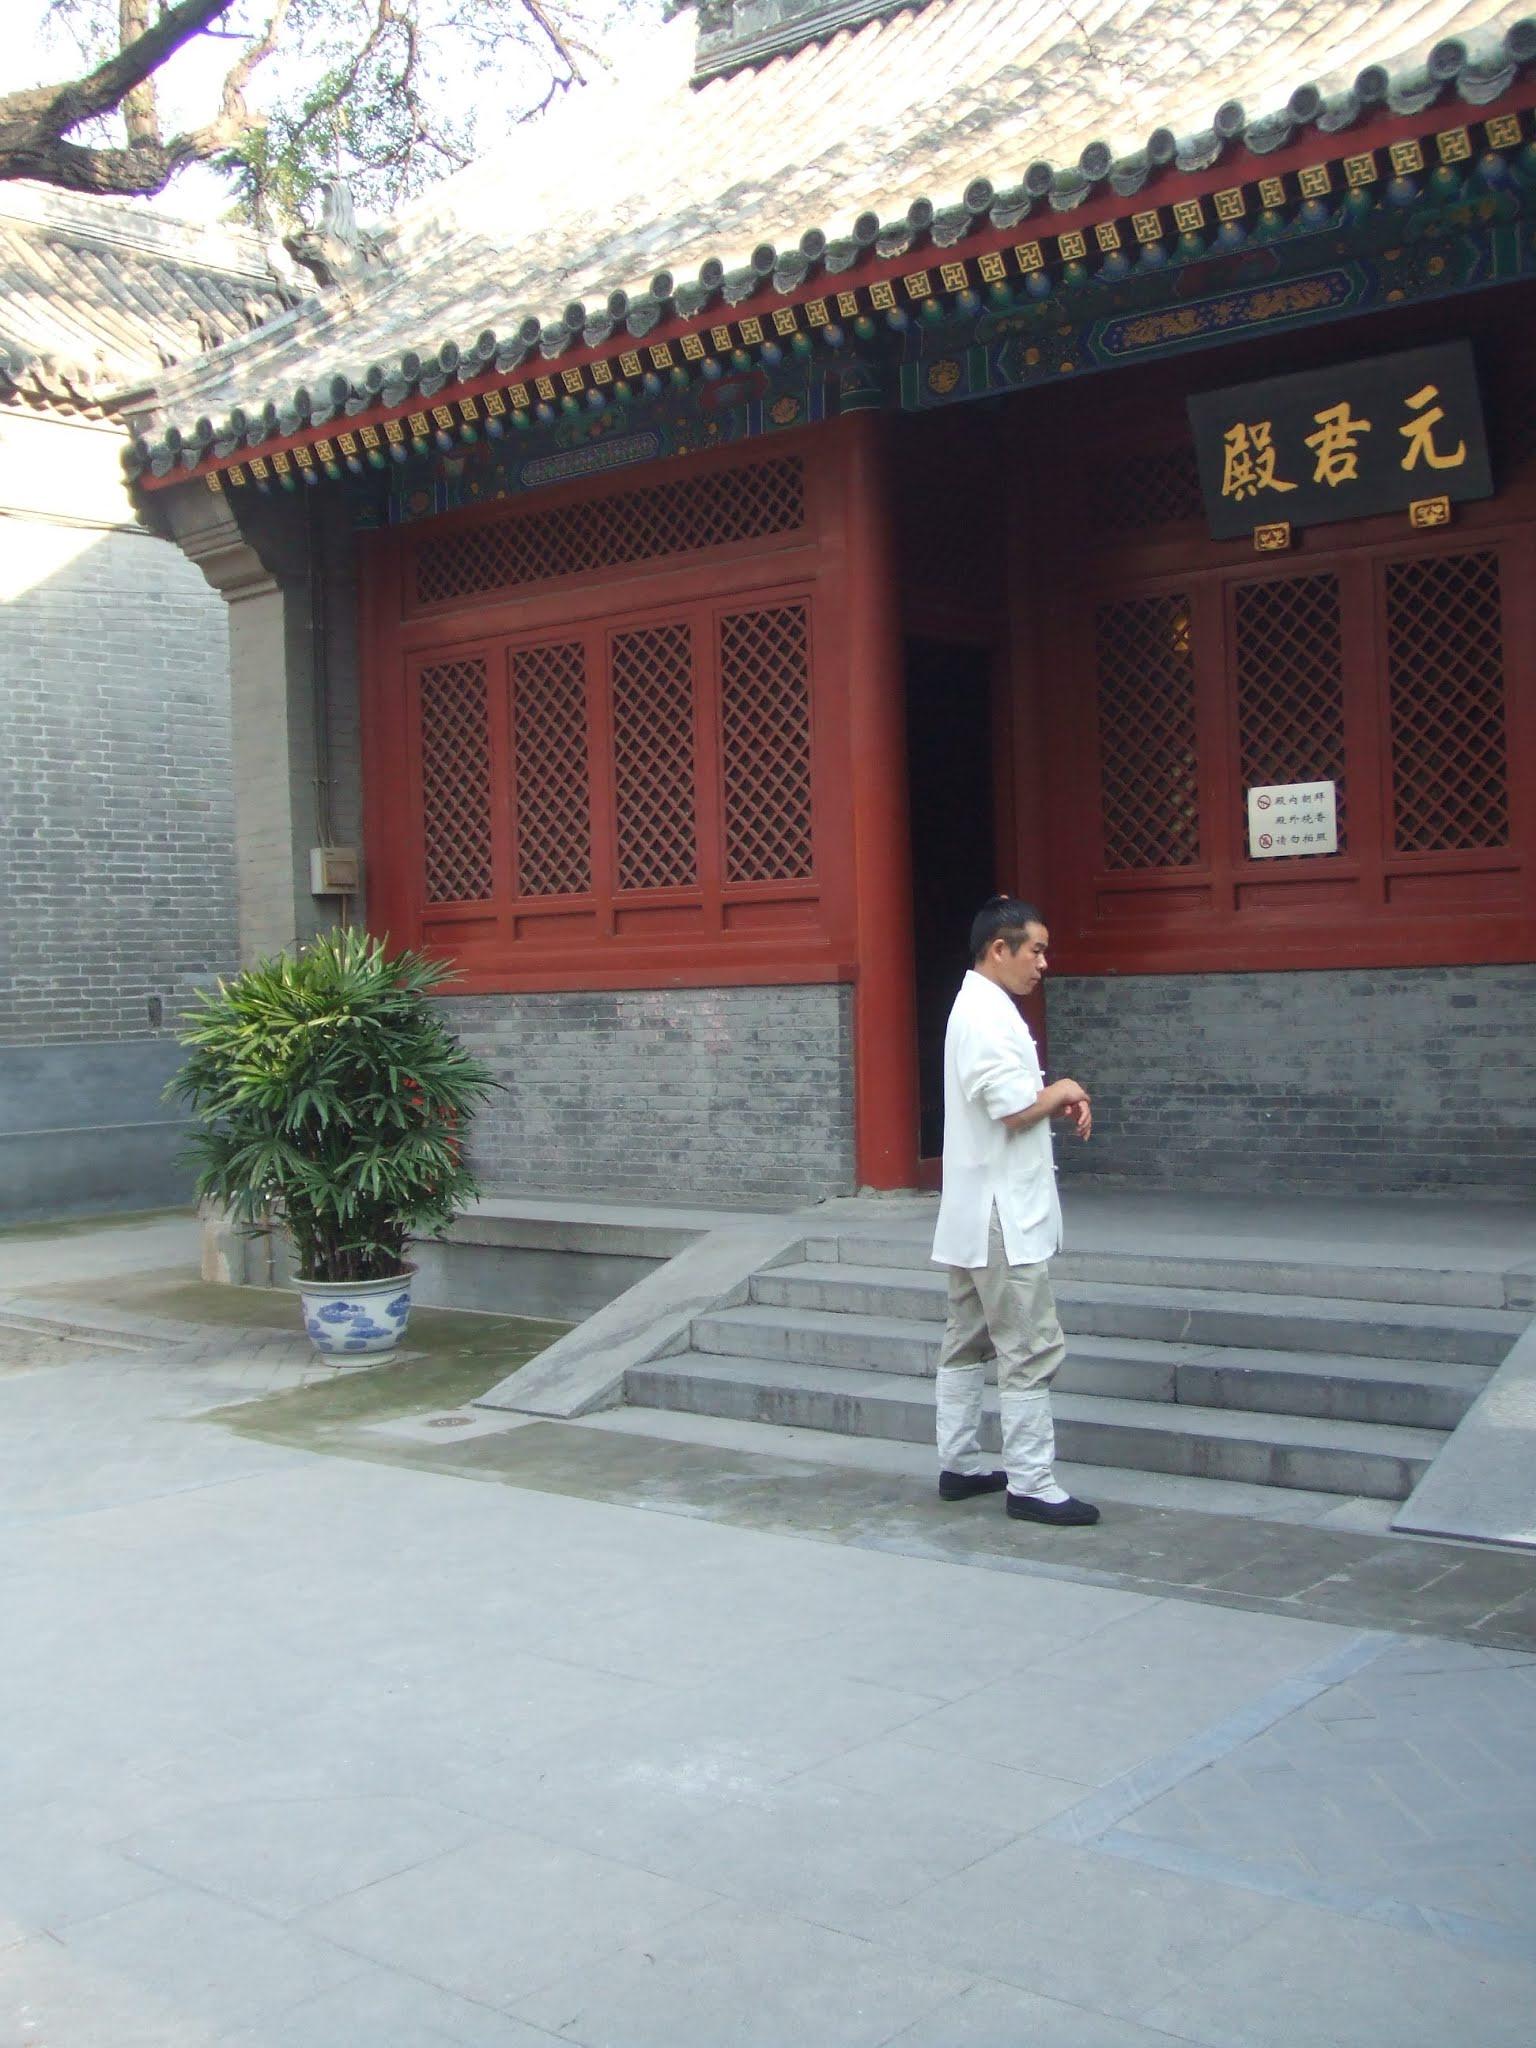 Mönch im taoistischen Kloster